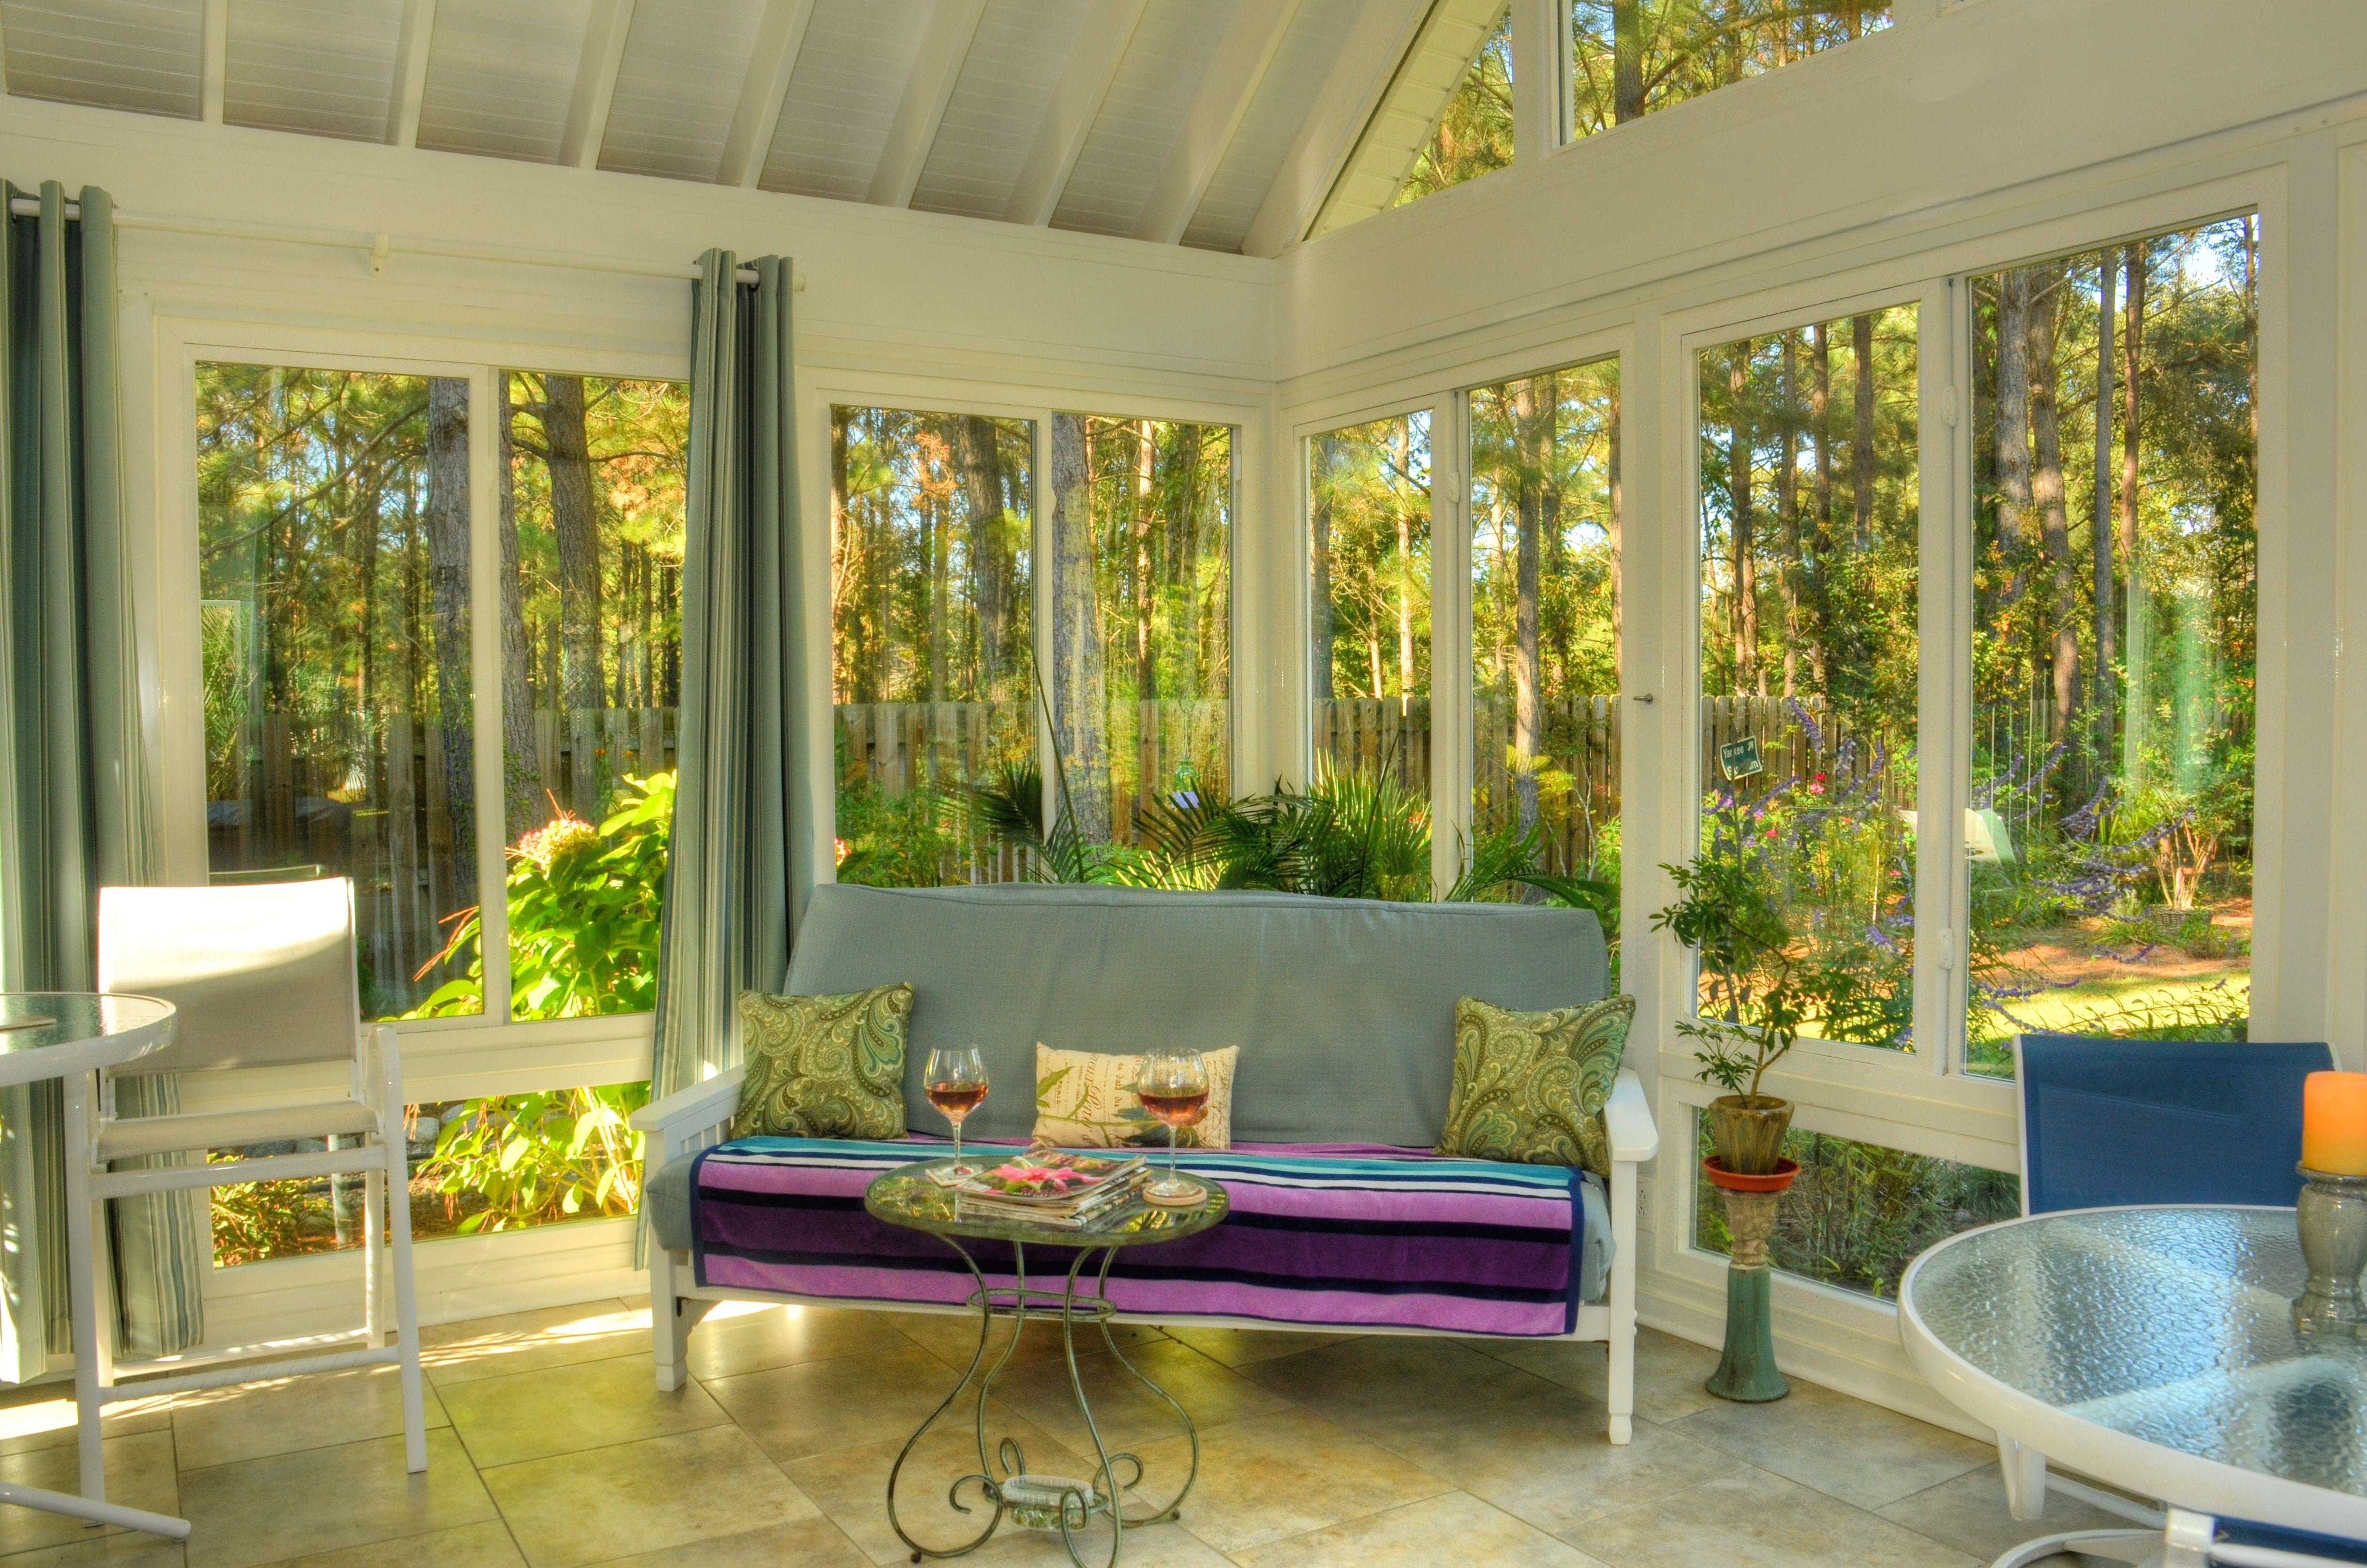 Sunroom Porch Conversion Sunrooms Sunroom Picture Gallery Sun Rooms